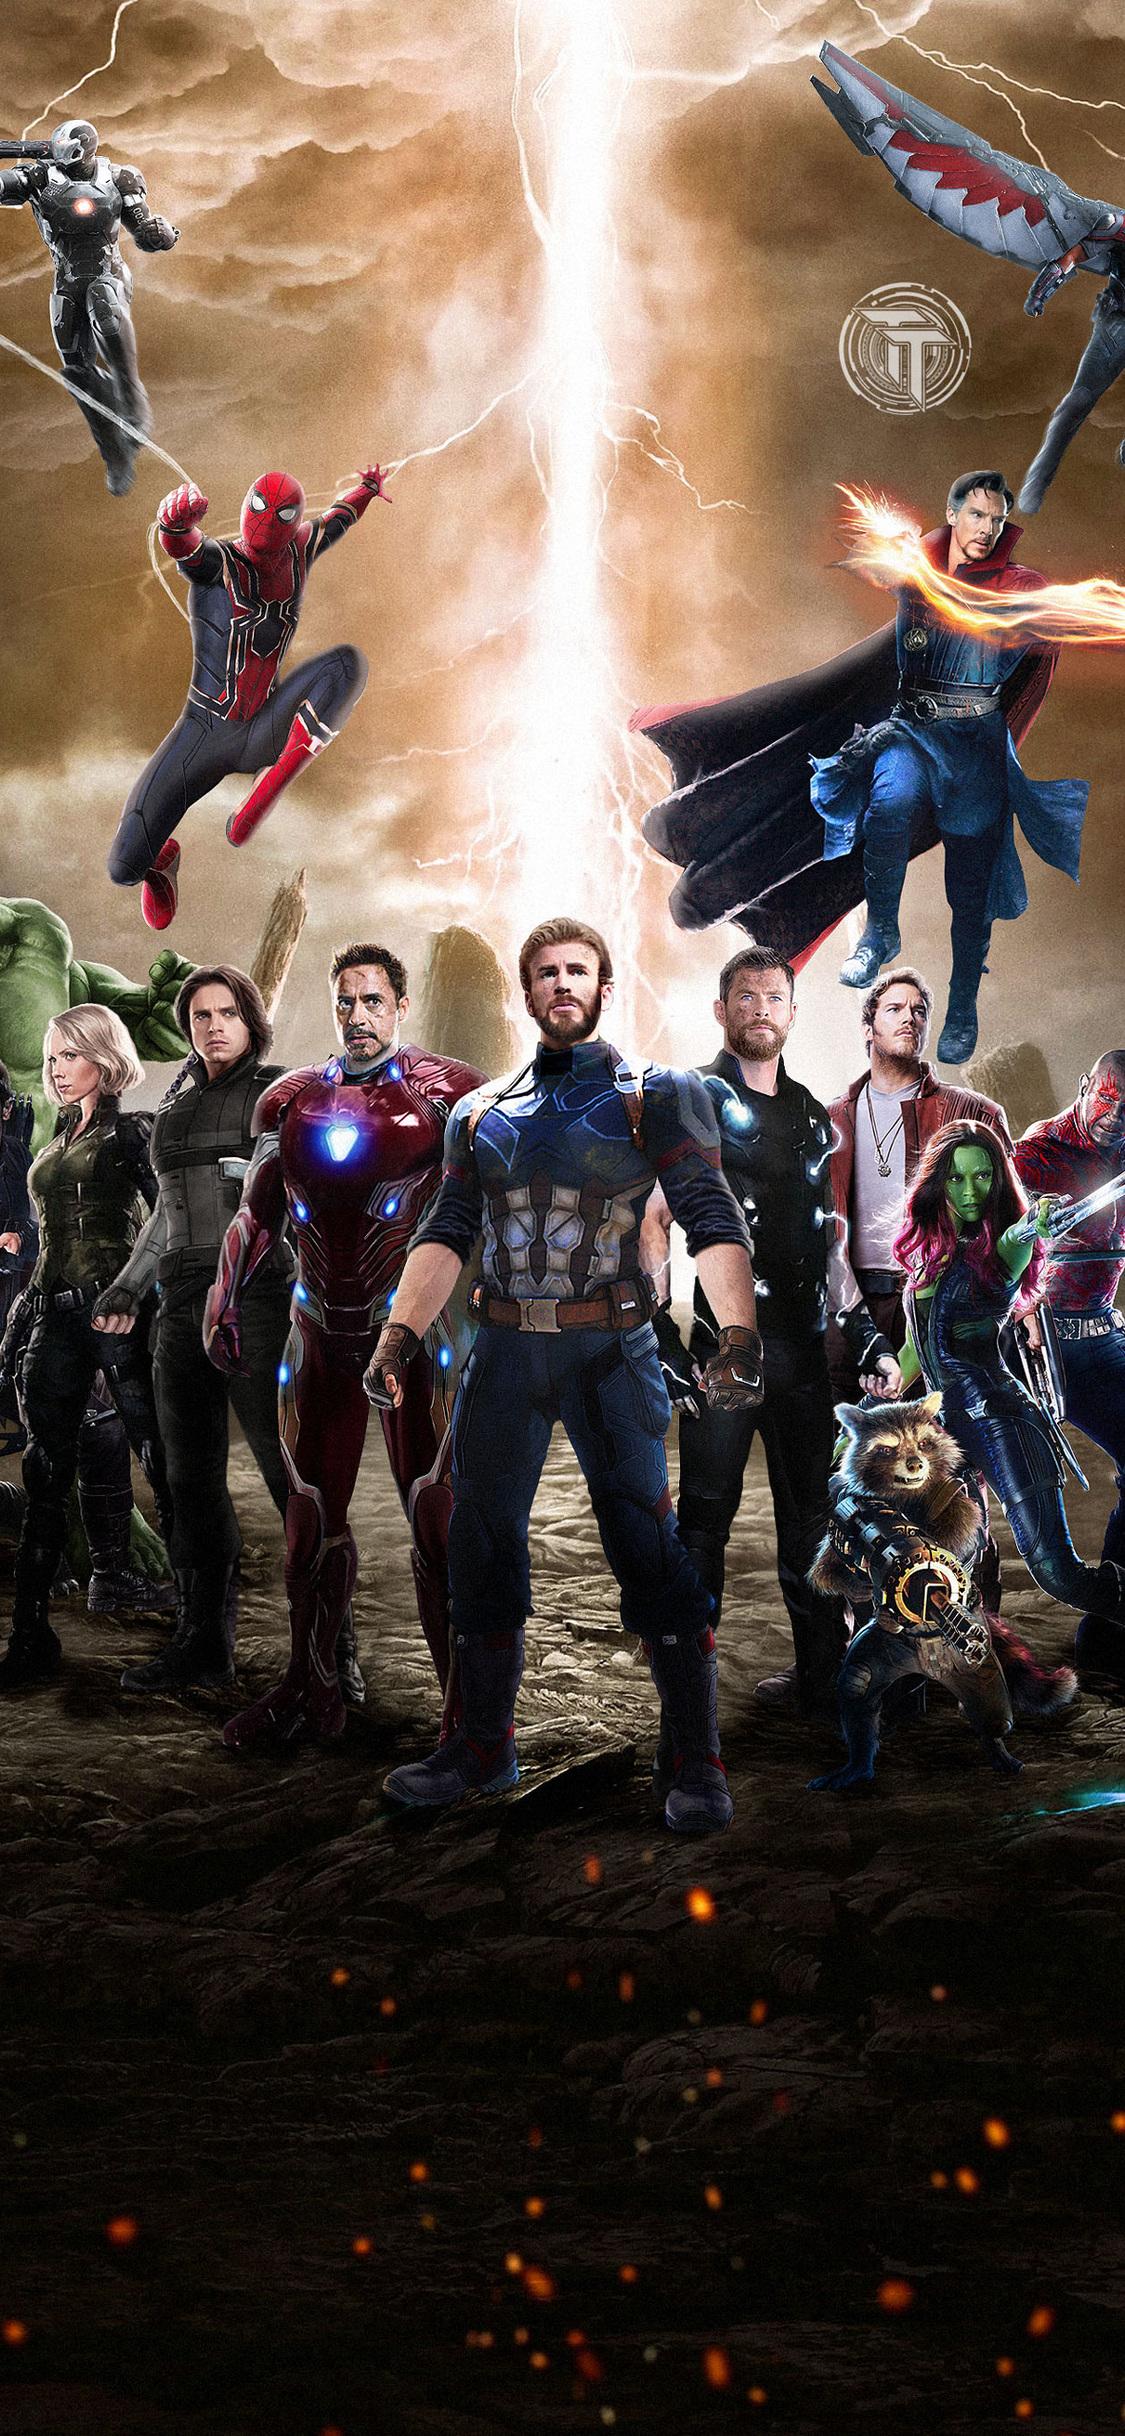 1125x2436 avengers infinity war 2018 movie fan art iphone - Avengers infinity war wallpaper iphone ...